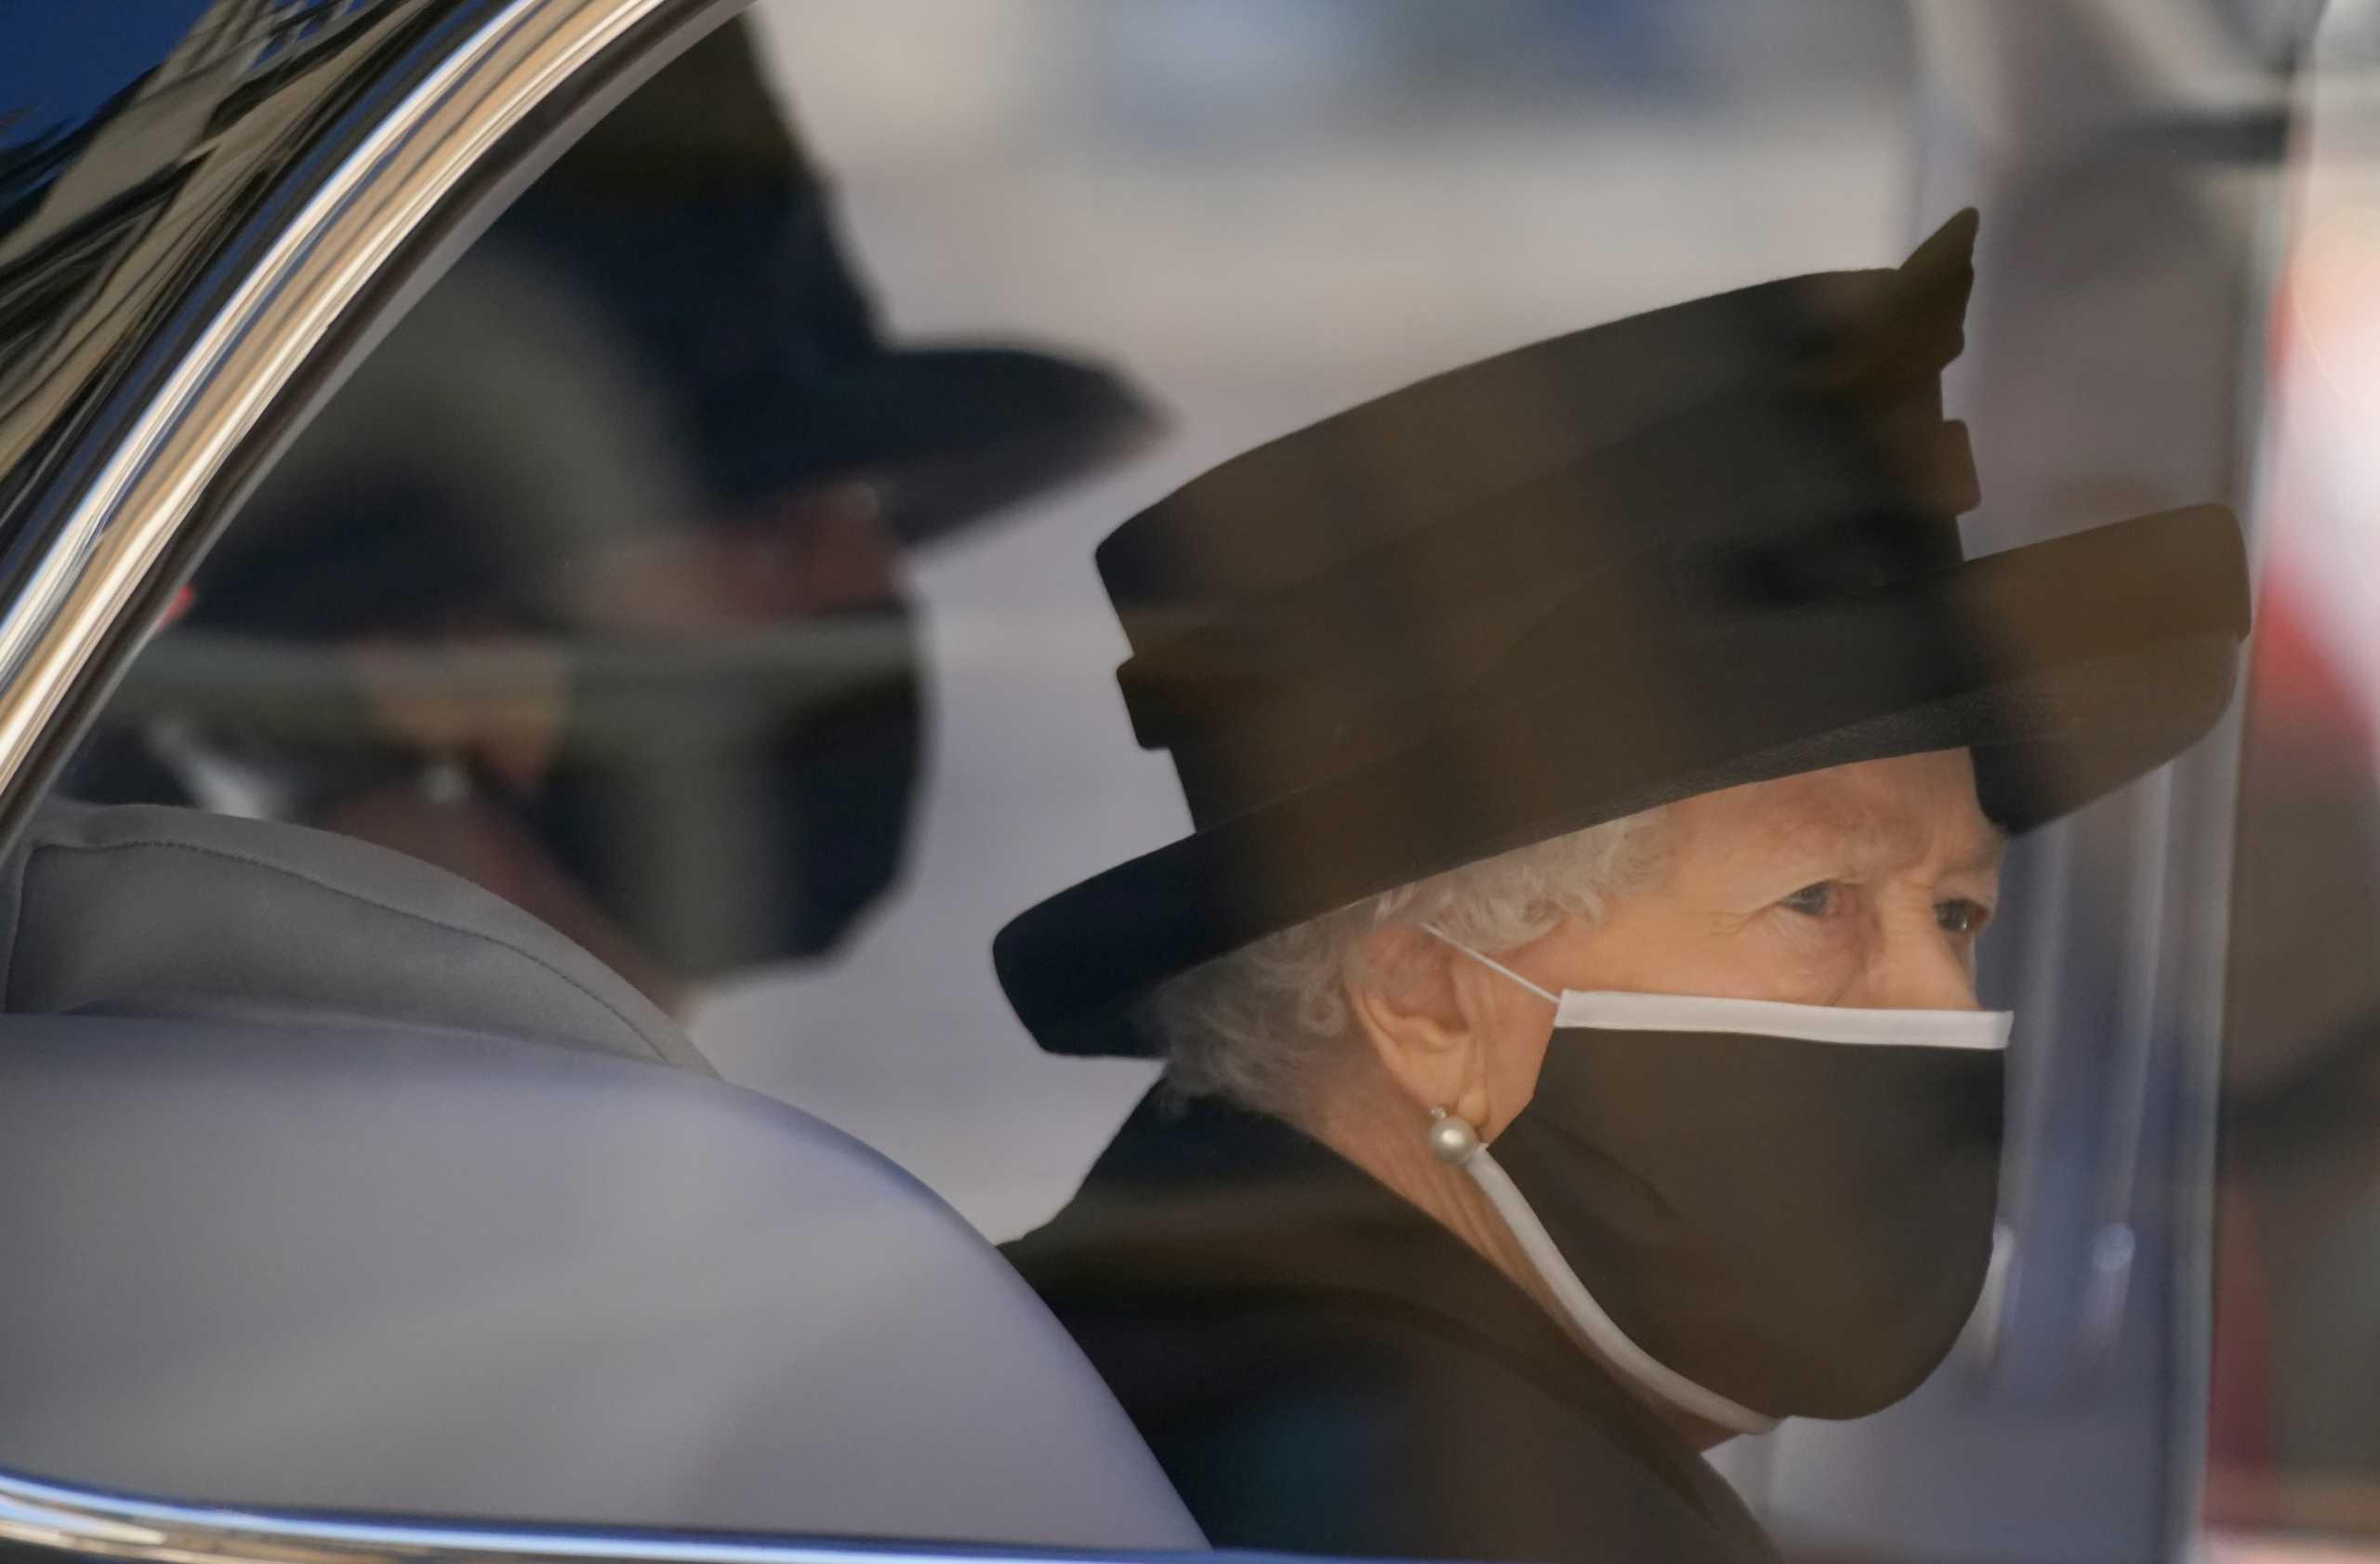 Βασίλισσα Ελισάβετ: Η πρώτη μοναχική βόλτα χωρίς τον πρίγκιπά της μετά από 73 χρόνια